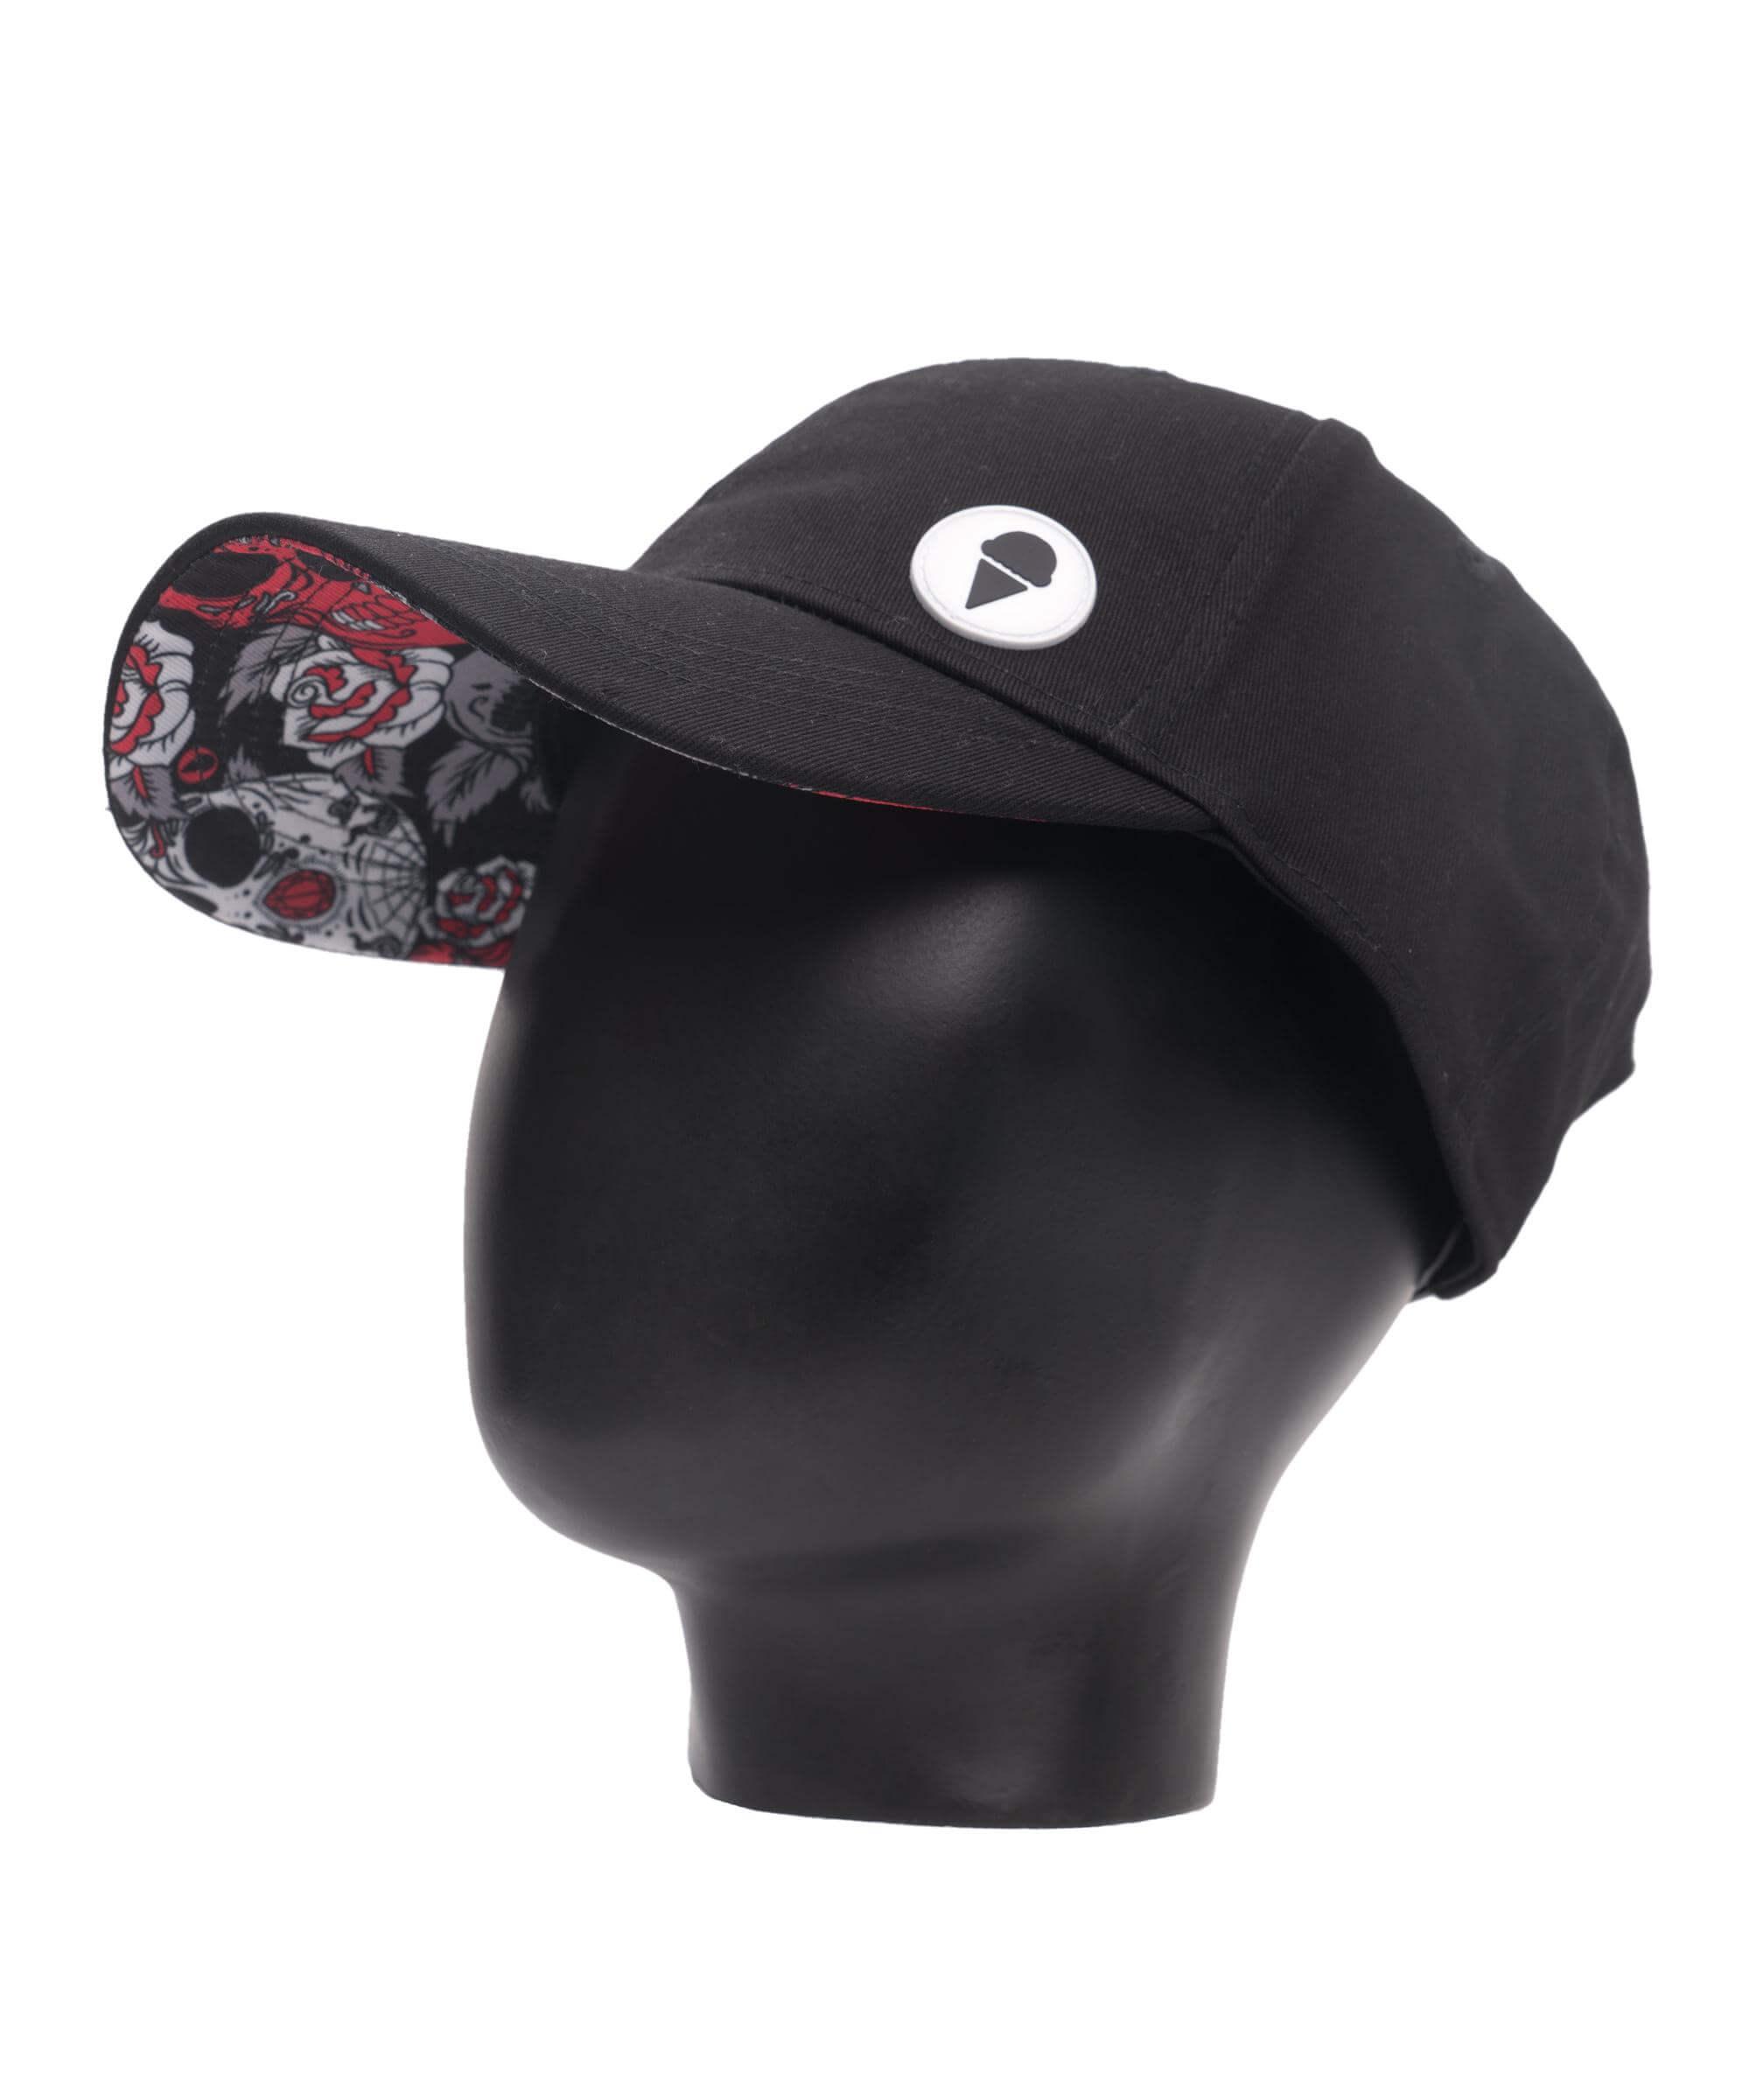 RED SUGAR CRANE CURVED BRIM CAP